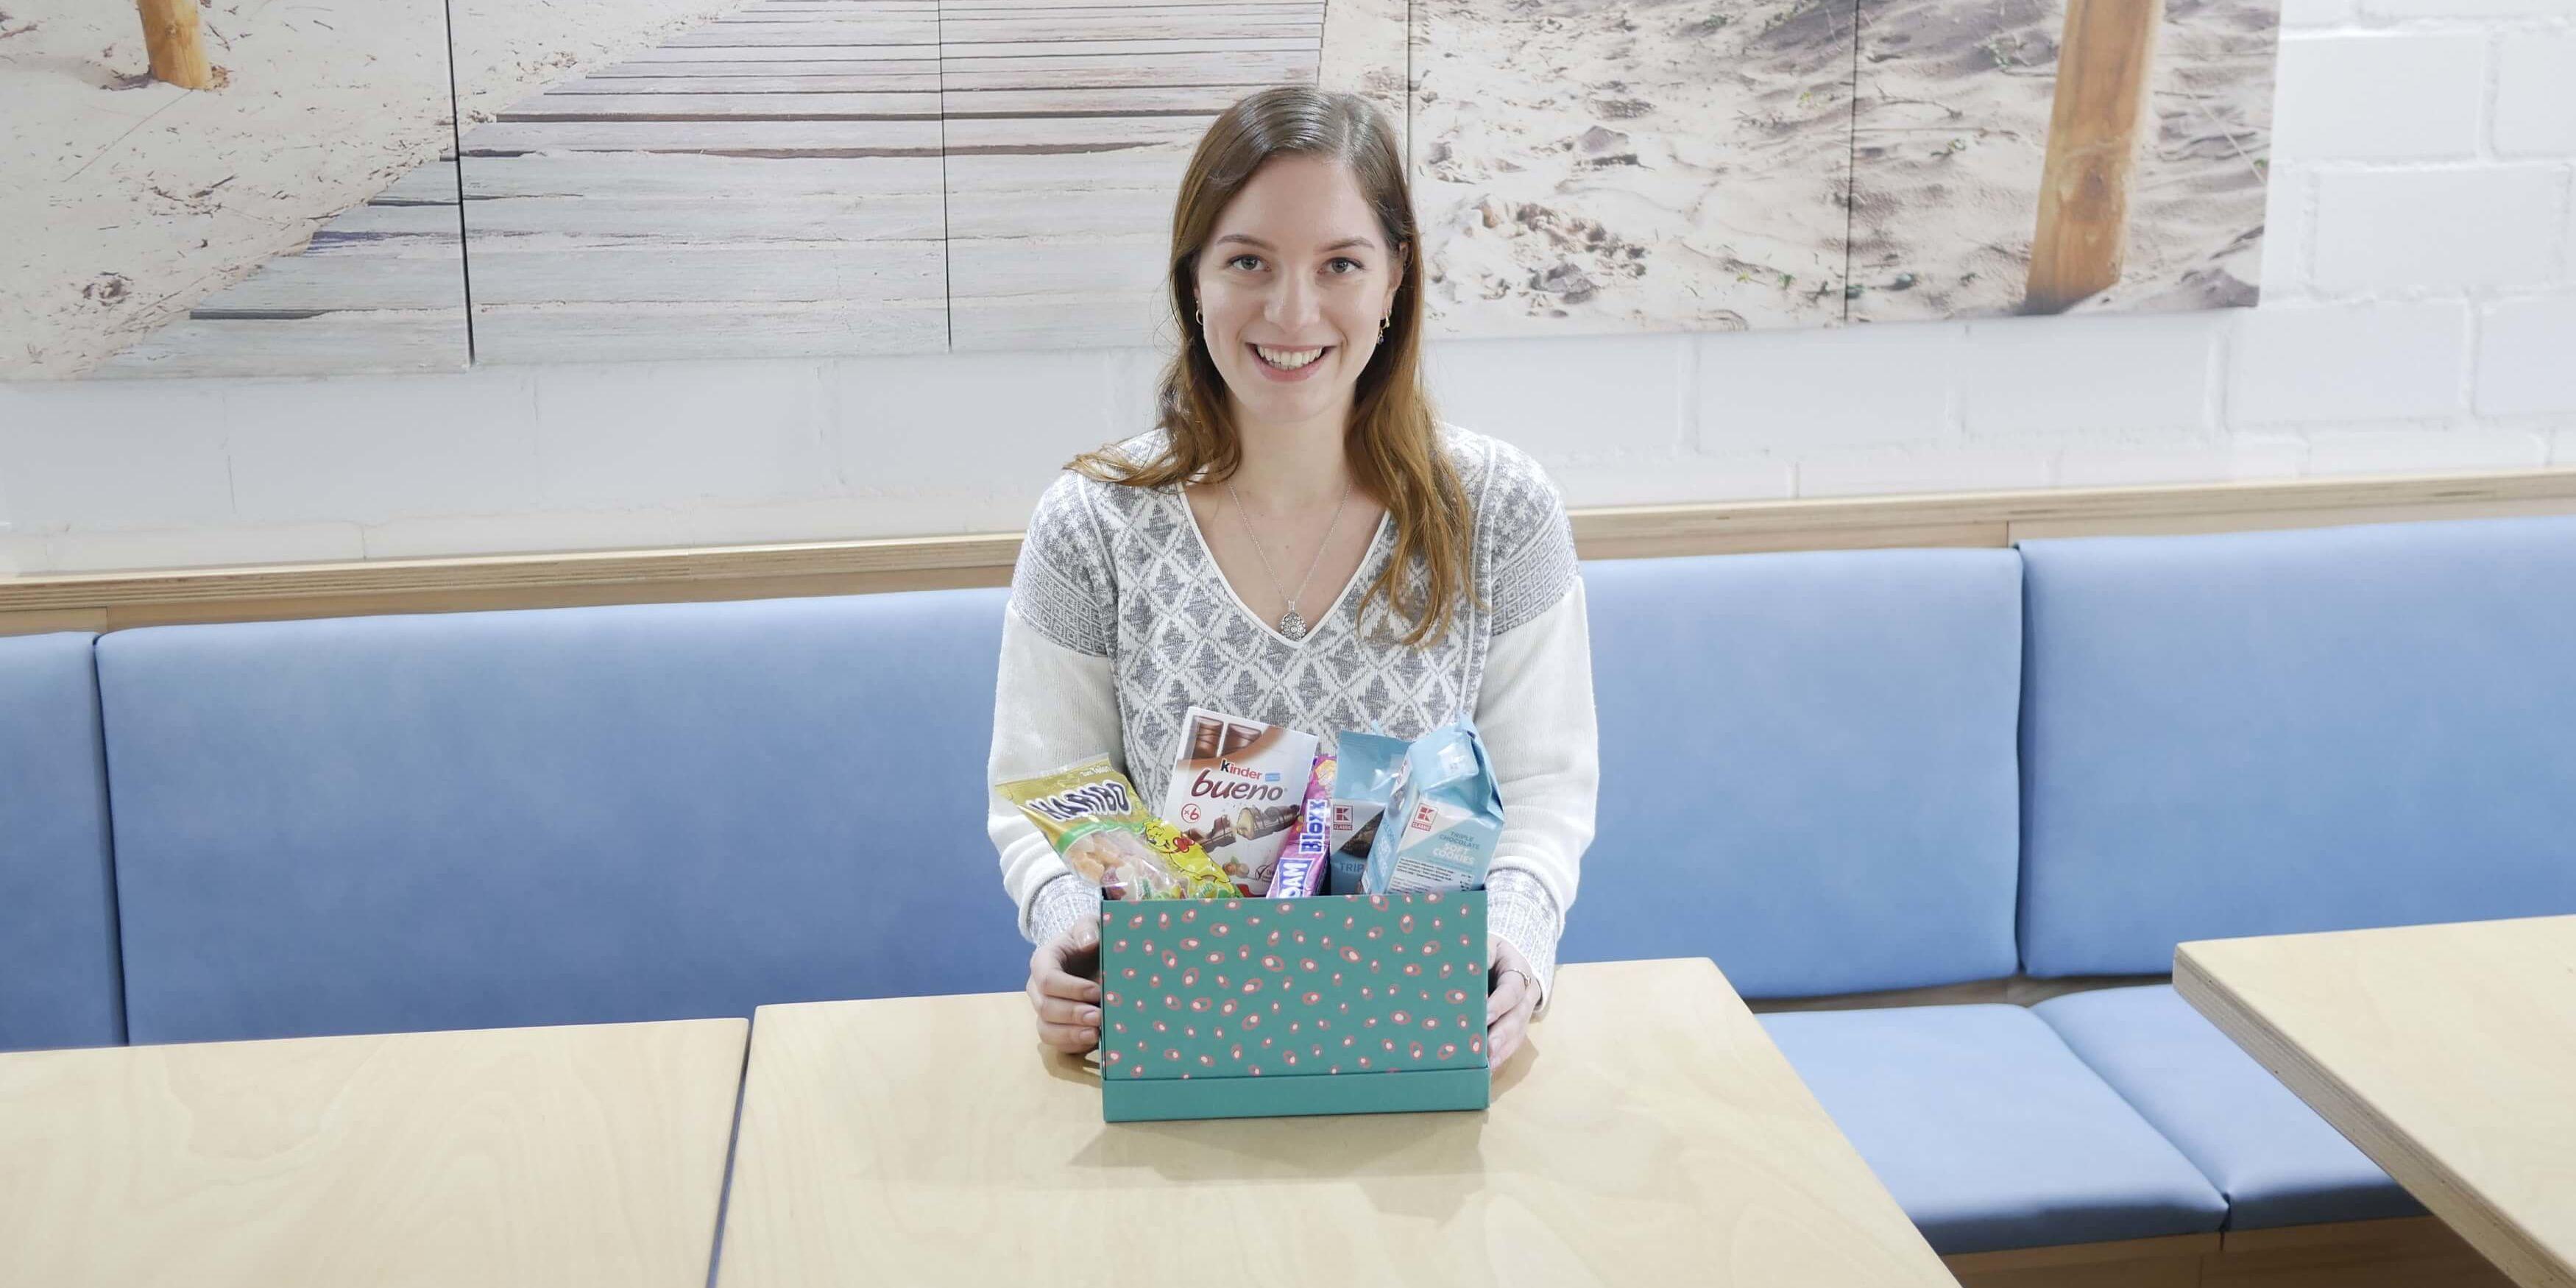 Nicole mit Prakti-Kiste